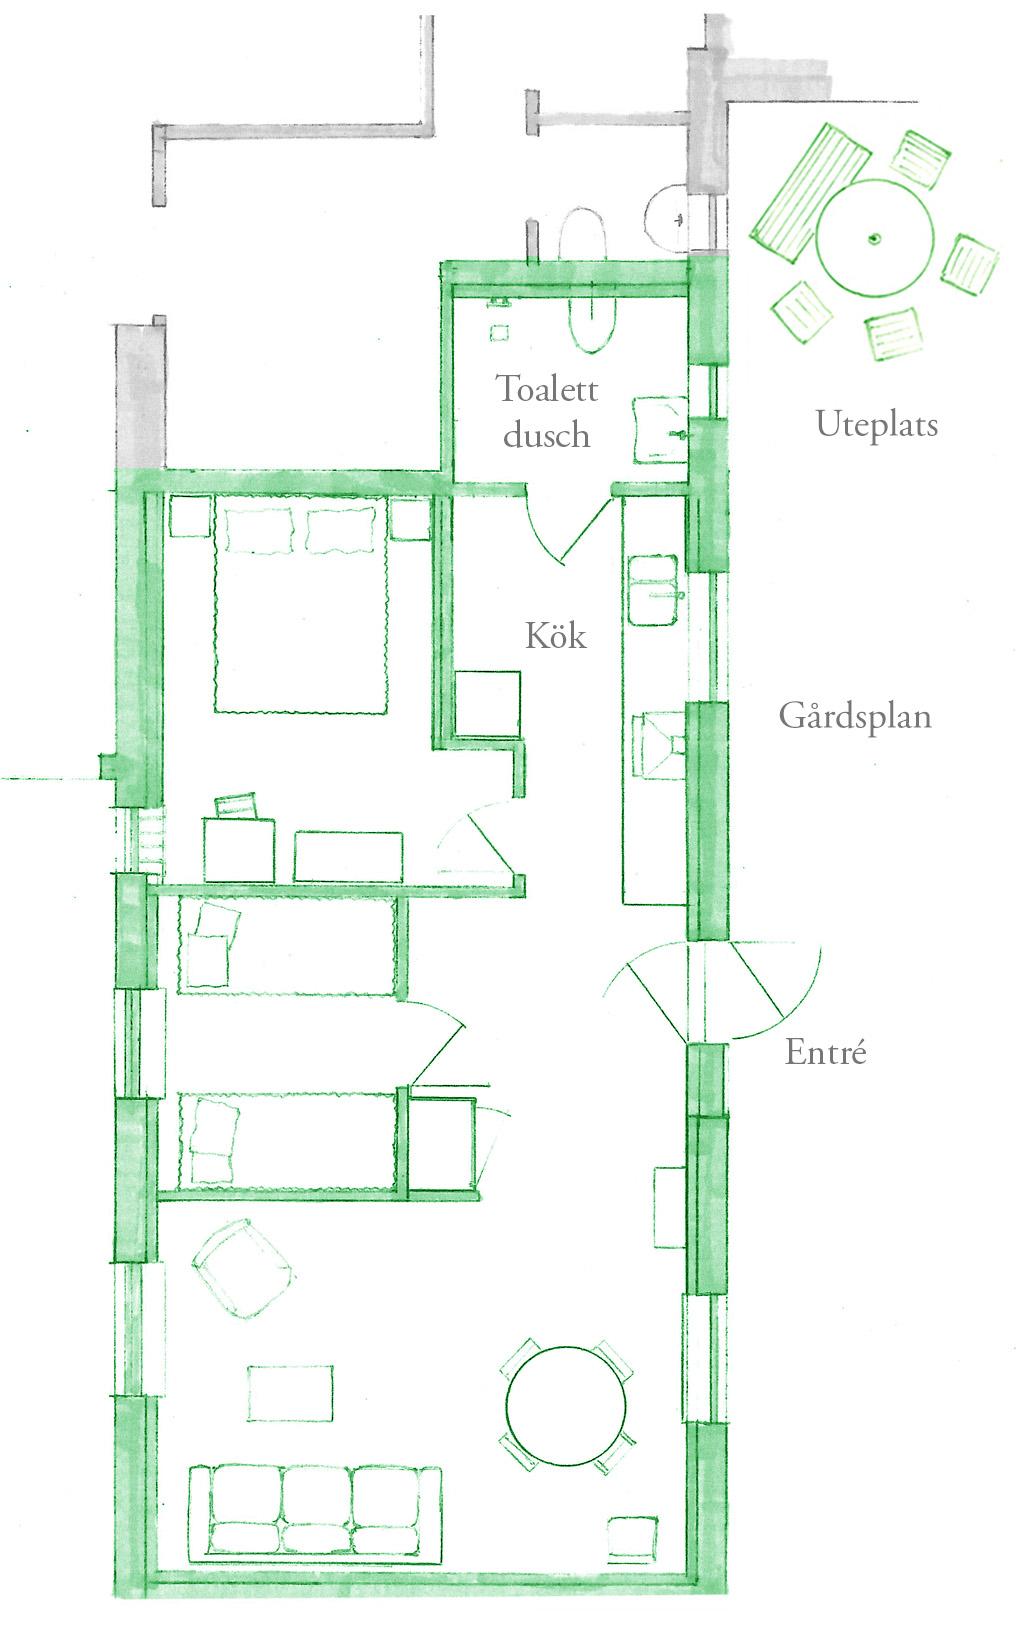 Planlösning för Lilla gårdslägenheten.